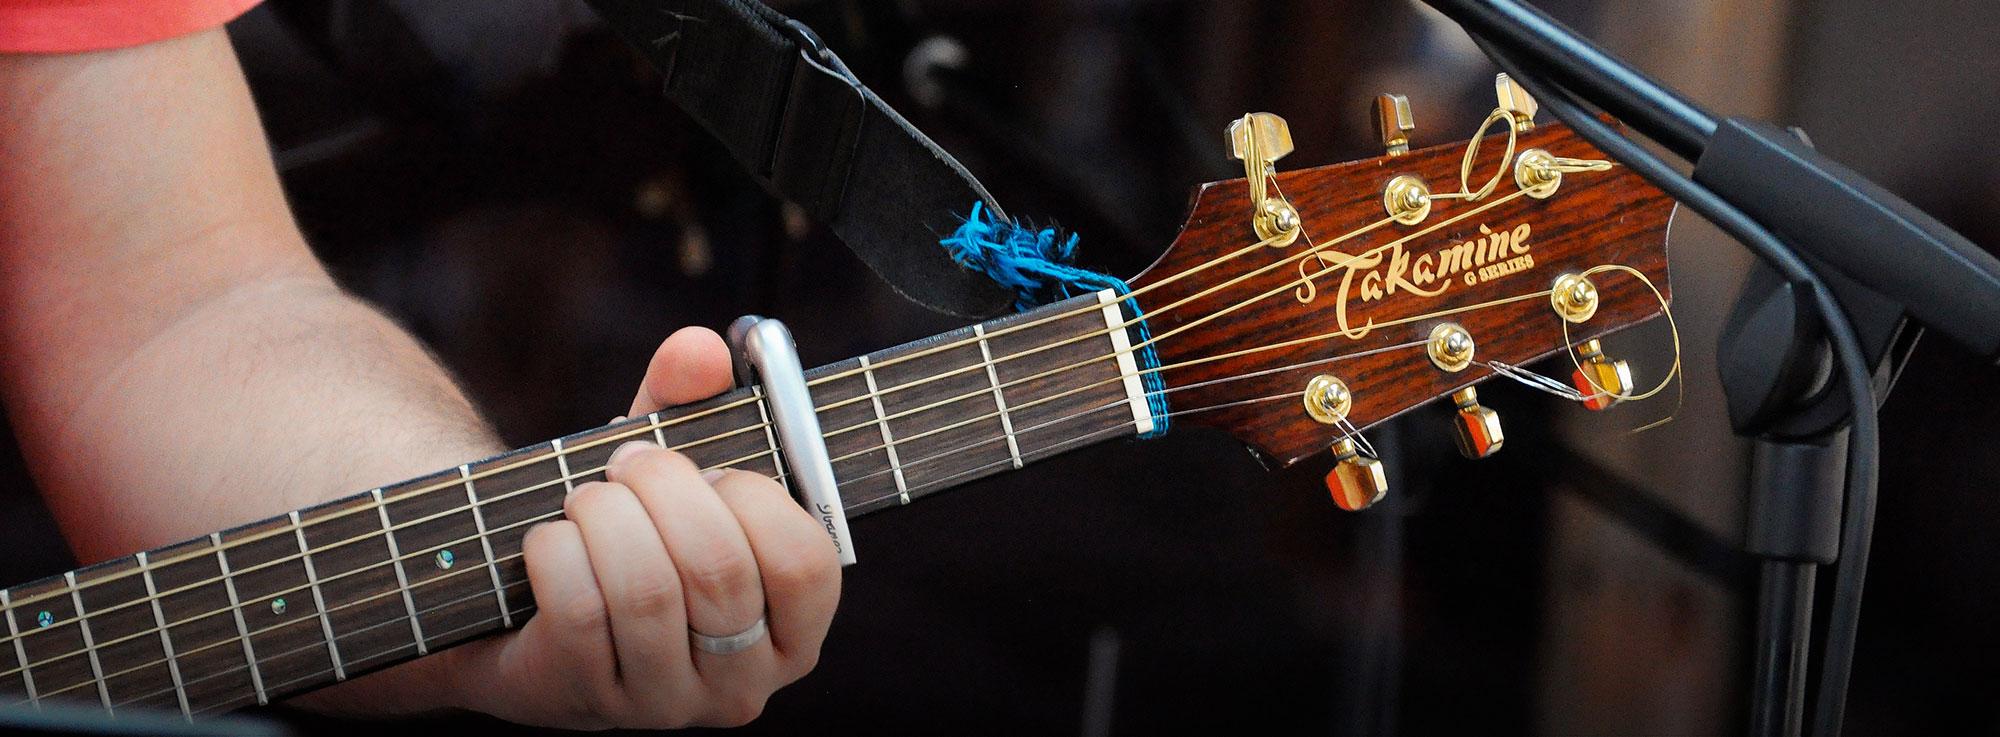 Ceglie Messapica: Concorso chitarristico internazionale